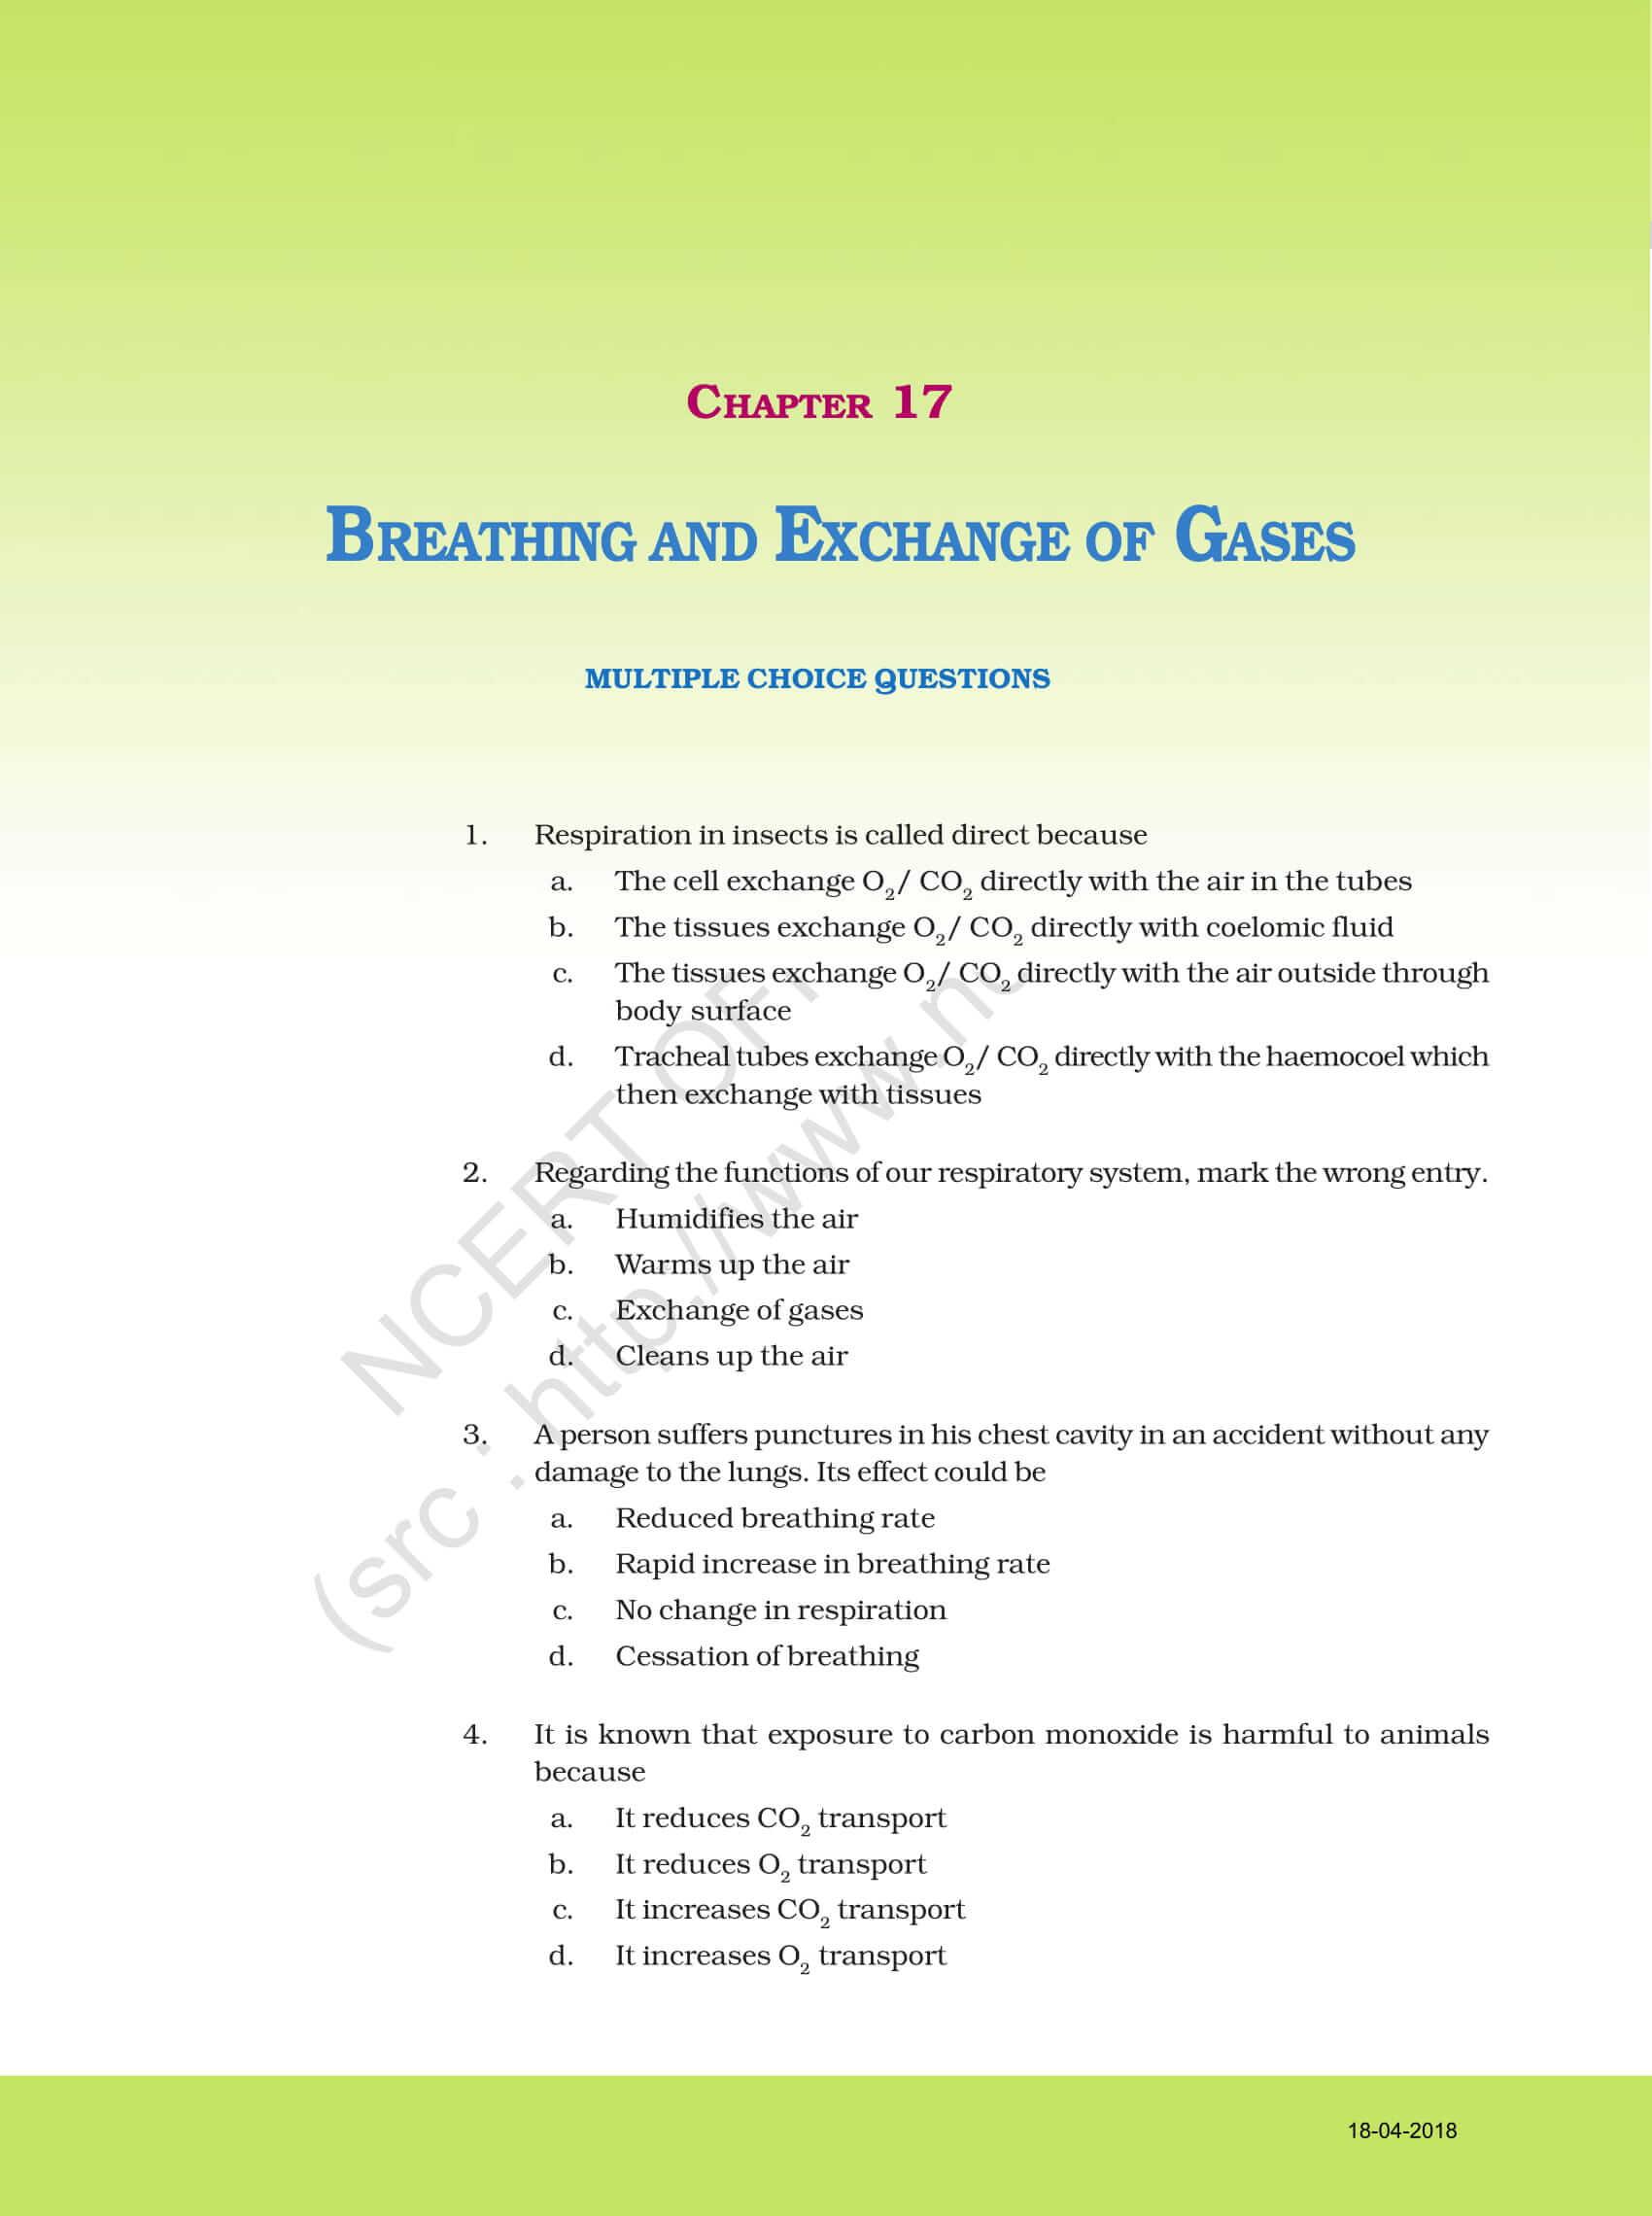 NCERT Exemplar Solution for Class 11 Biology Chapter 17